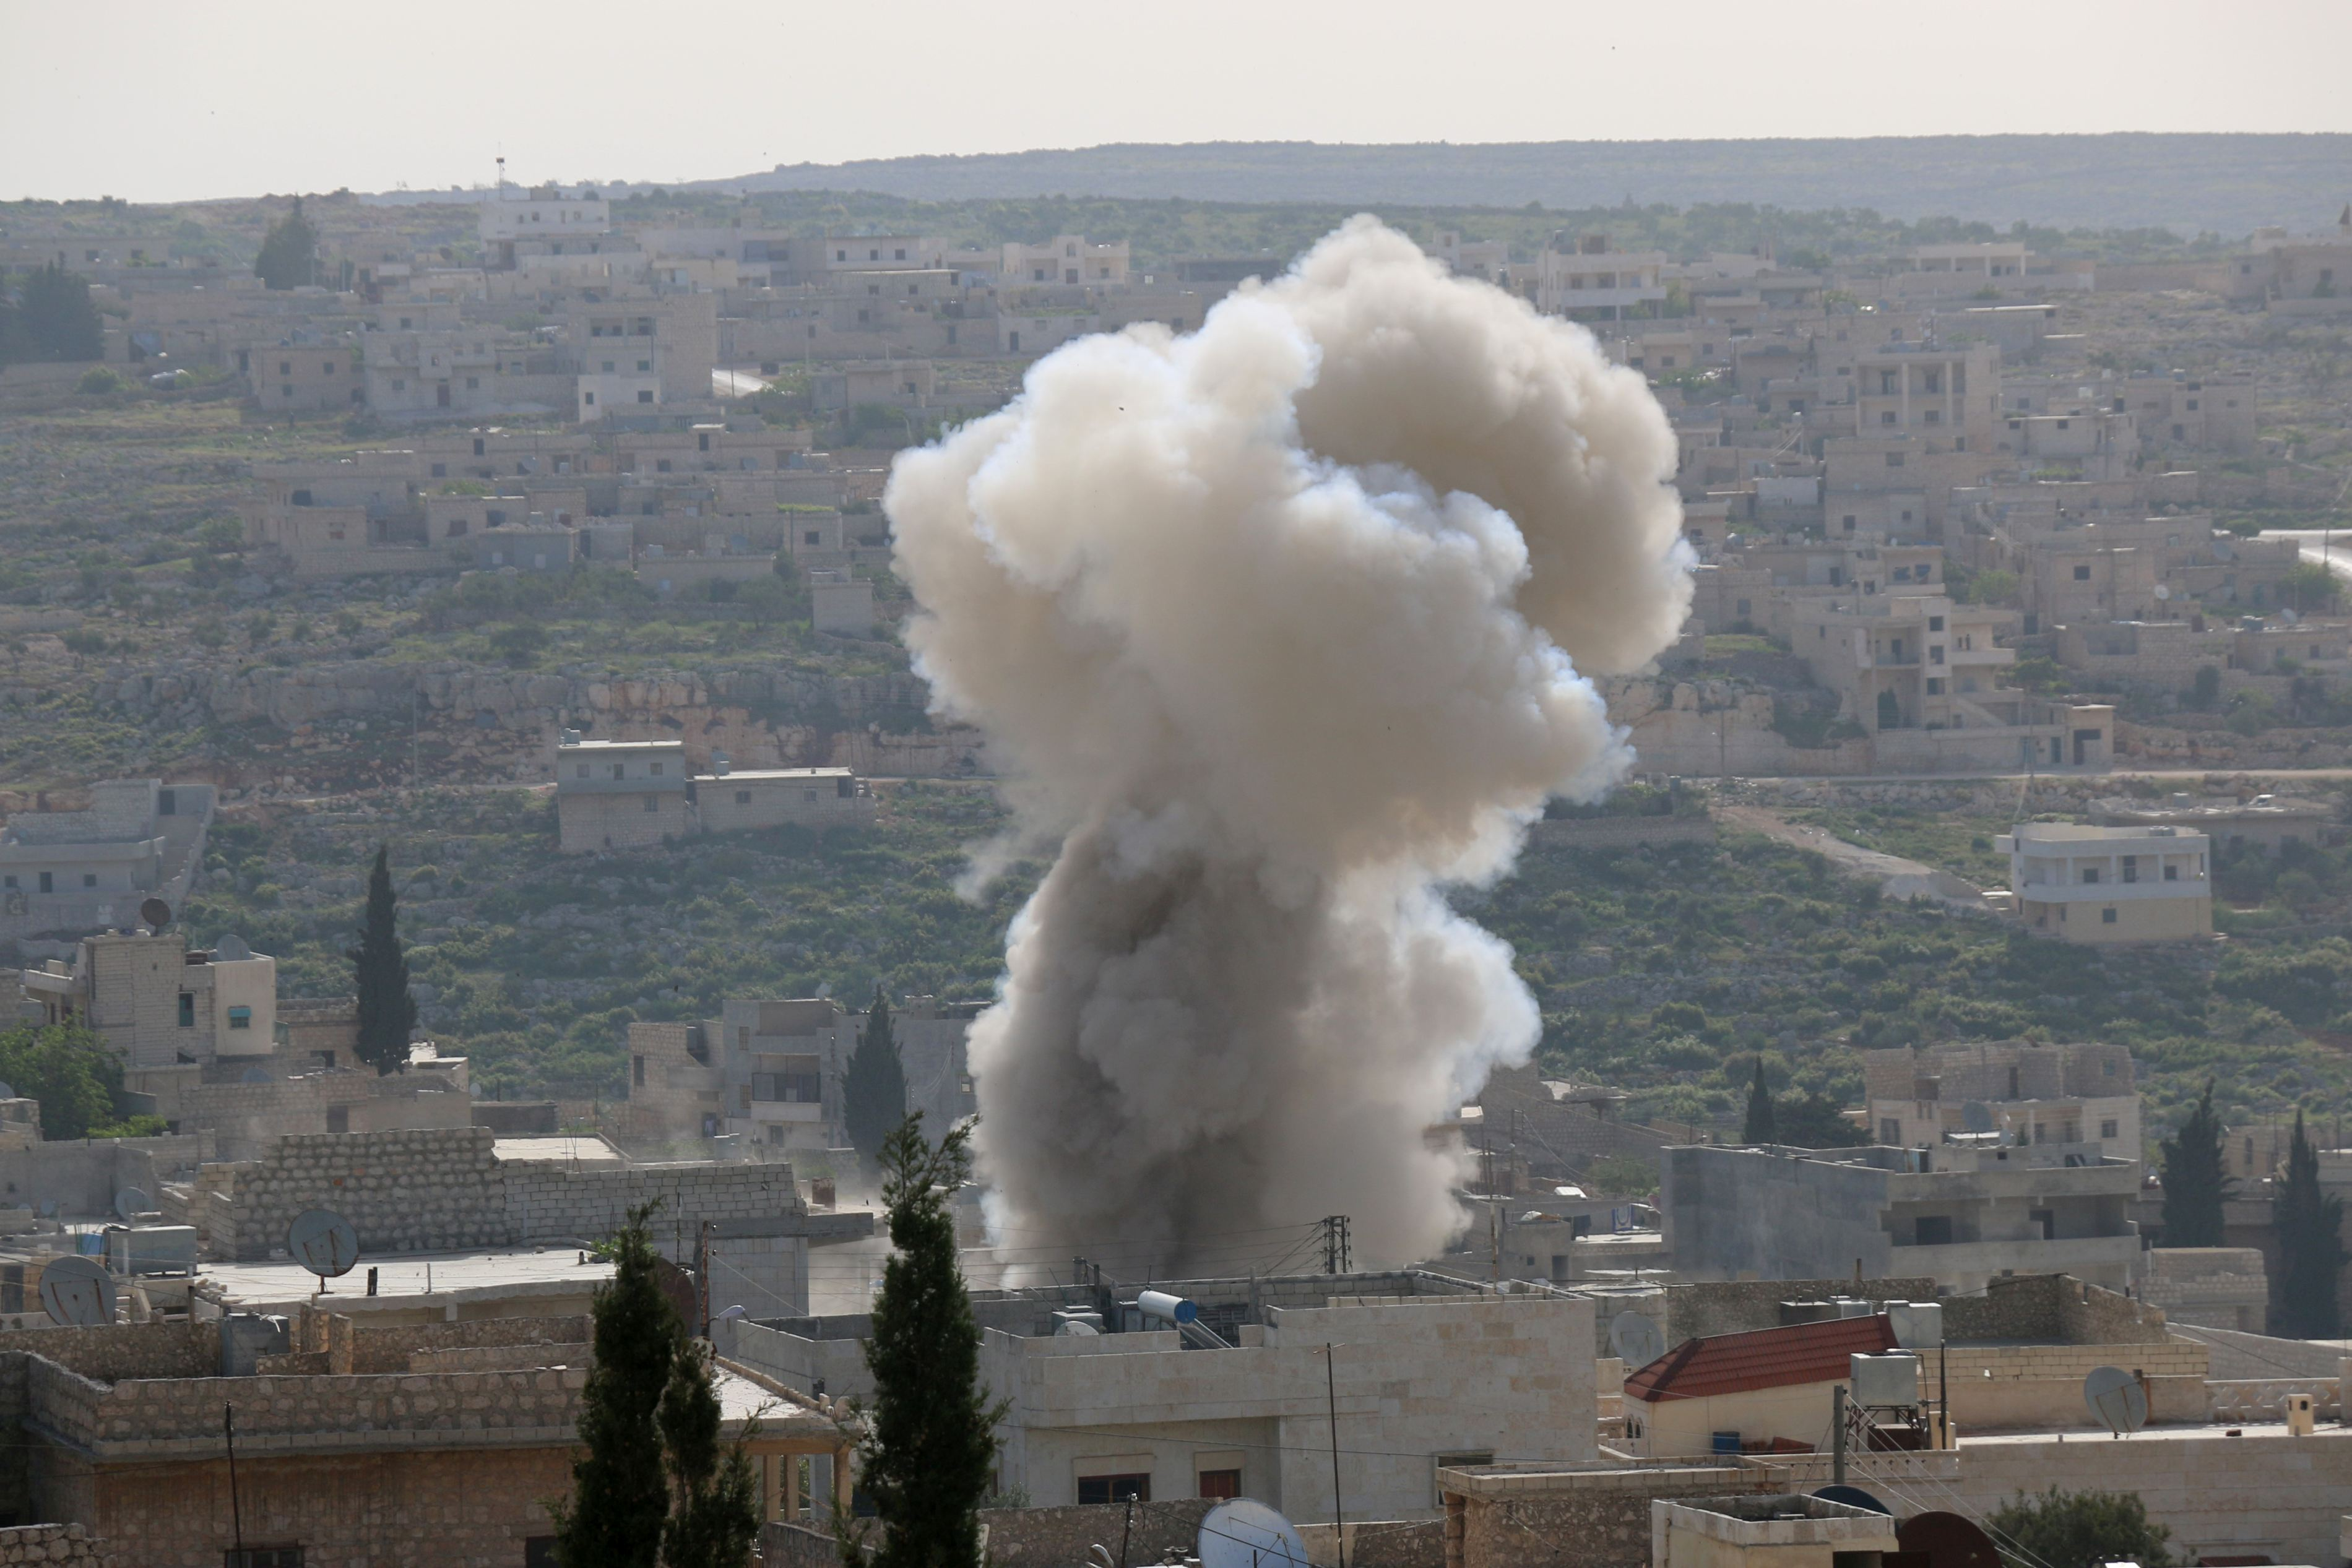 mai-multe-rachete-au-fost-lansat-asupra-palatului-prezidential-de-la-kabul